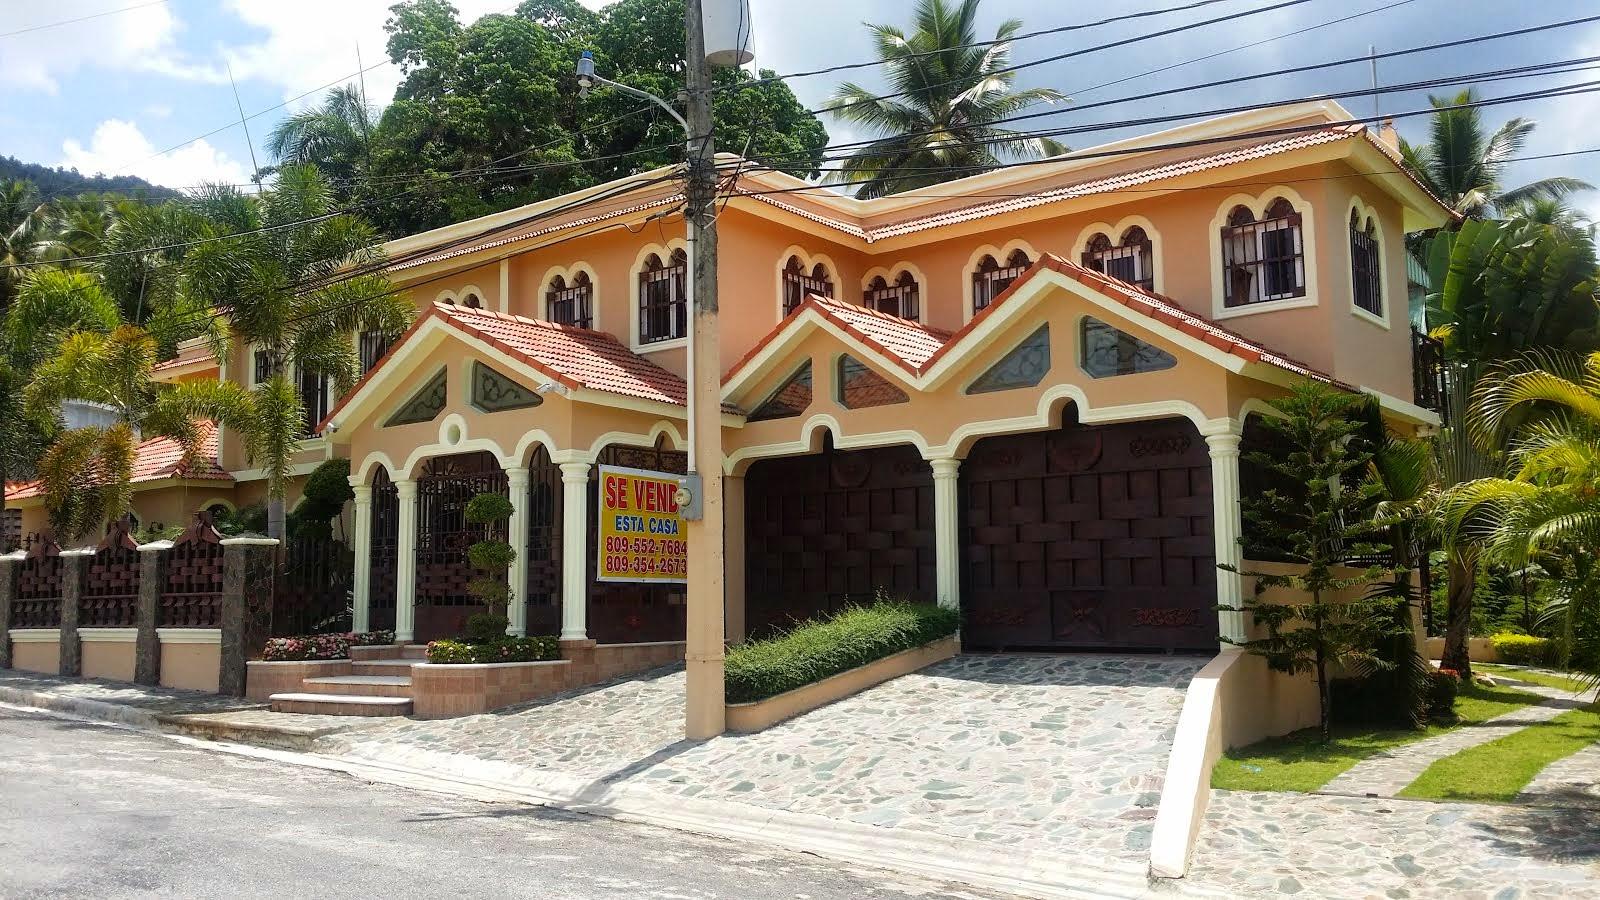 En Sanchez, Samana, se vende esta residencia, consultenos